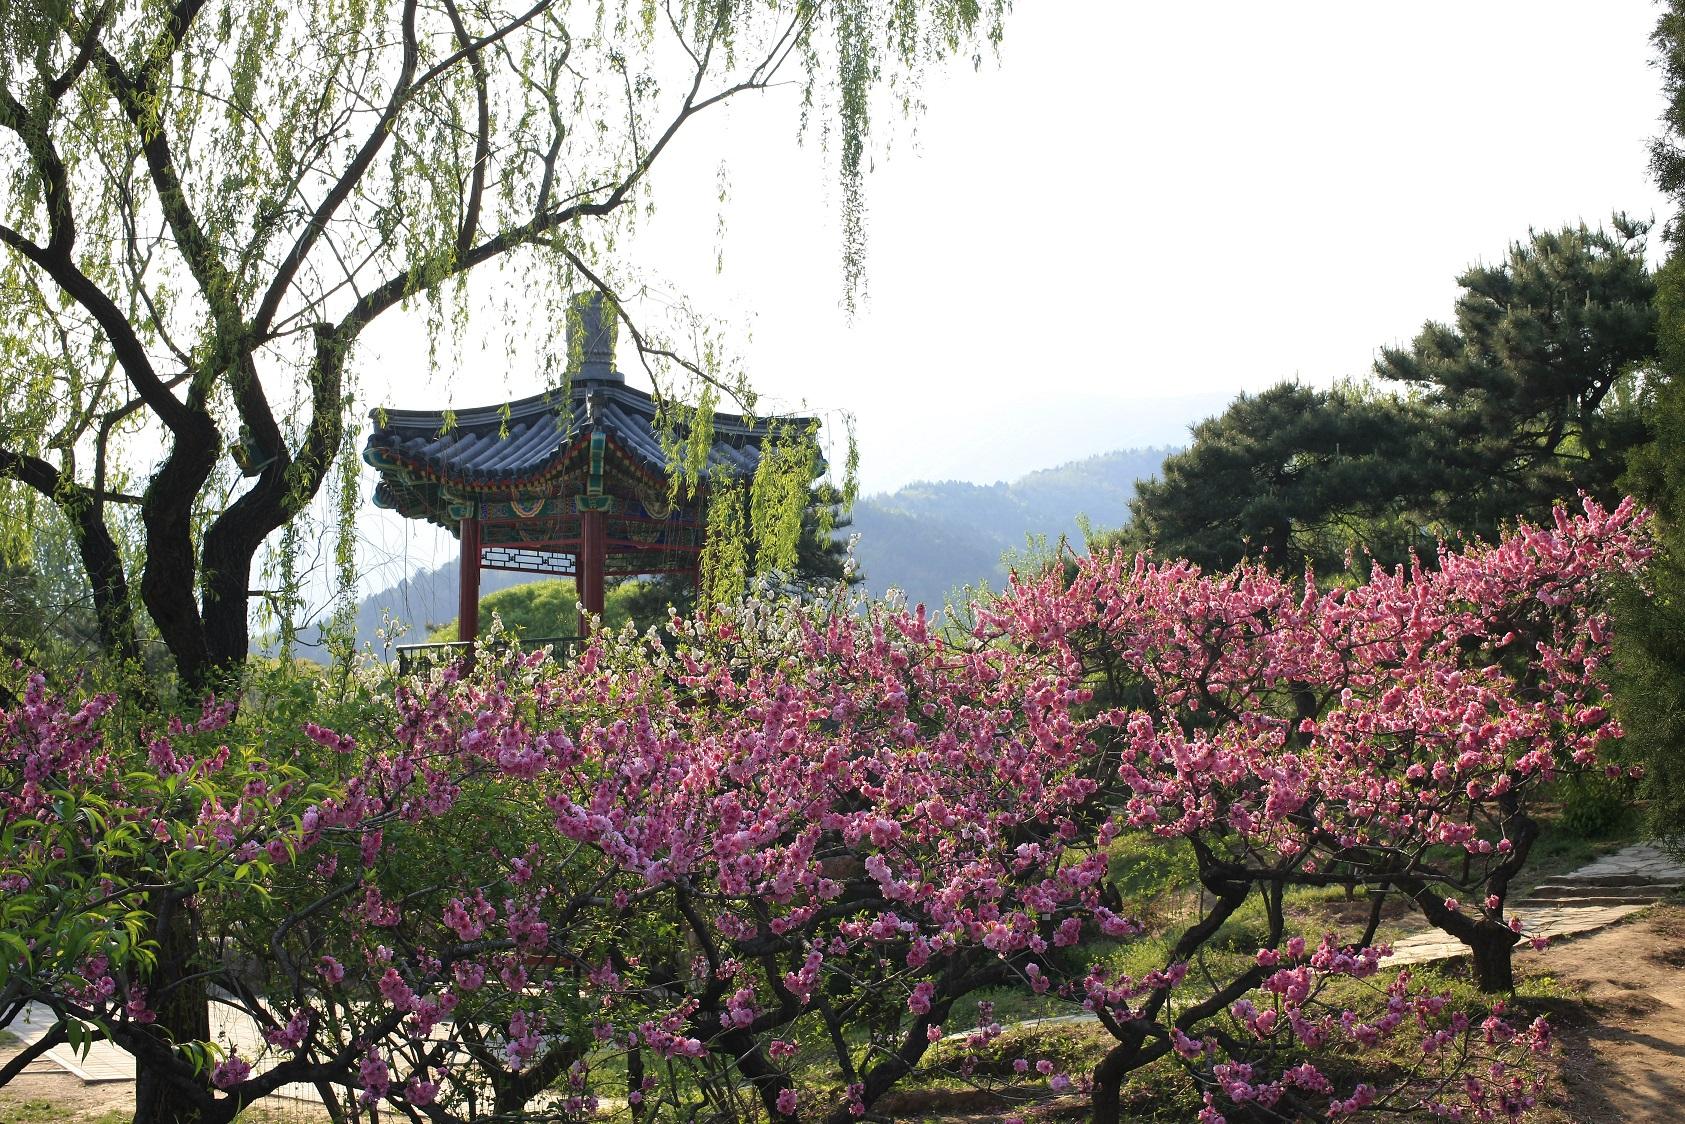 北京植物园位于北京西山脚下,1956年由国务院批准建立全园总规划面积400公顷,已建成开放游览区域200公顷,自然保护试验区200公顷。是集植物资源展示和保护、科研、科普、游憩和开发为一体的代表国家水平的、大型的综合性植物园,是北京著名的游览胜地。2001年被评为首批国家AAAA级游览景区,2002年通过ISO9000质量管理体系和ISO14000环境管理体系双认证。  北京植物园主要由植物展览区、名胜古迹游览区和樱桃沟自然保护试验区组成。植物展览区包括观赏植物区、树木园和温室花卉区三部分及试验苗圃、组培